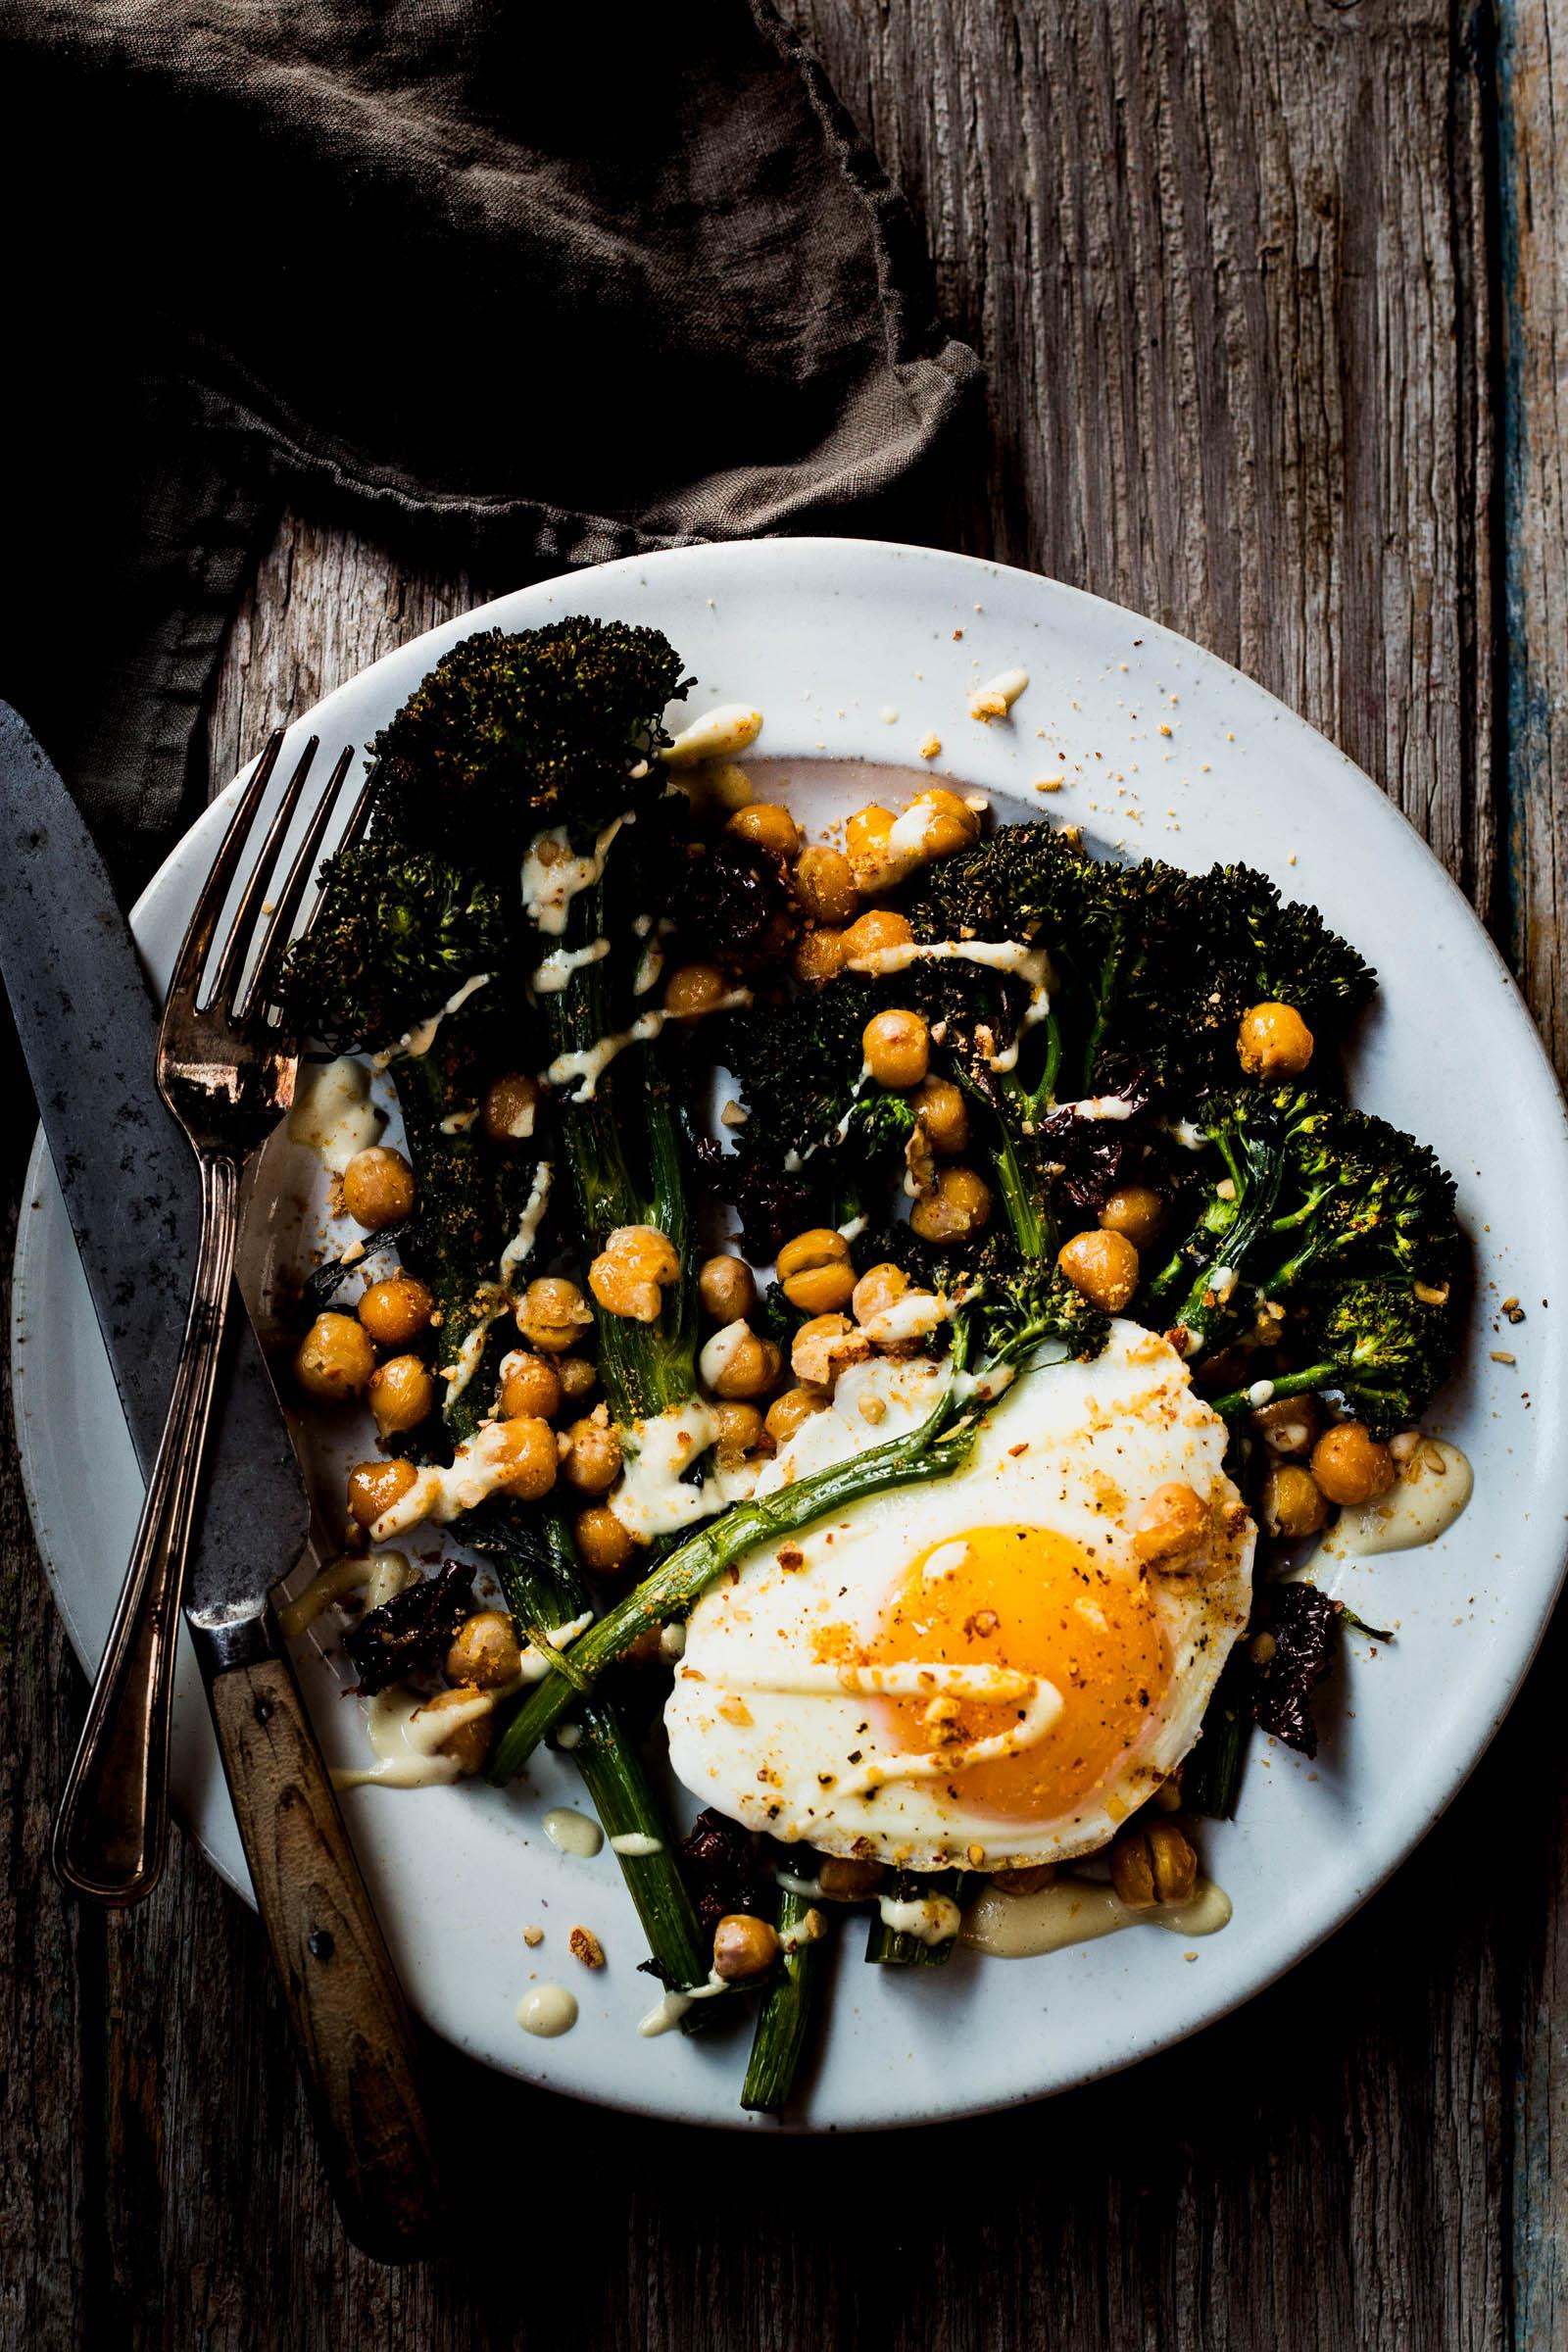 Crispy Broccolini & Chickpea Salad  (use the broccoli in place of the broccolini)